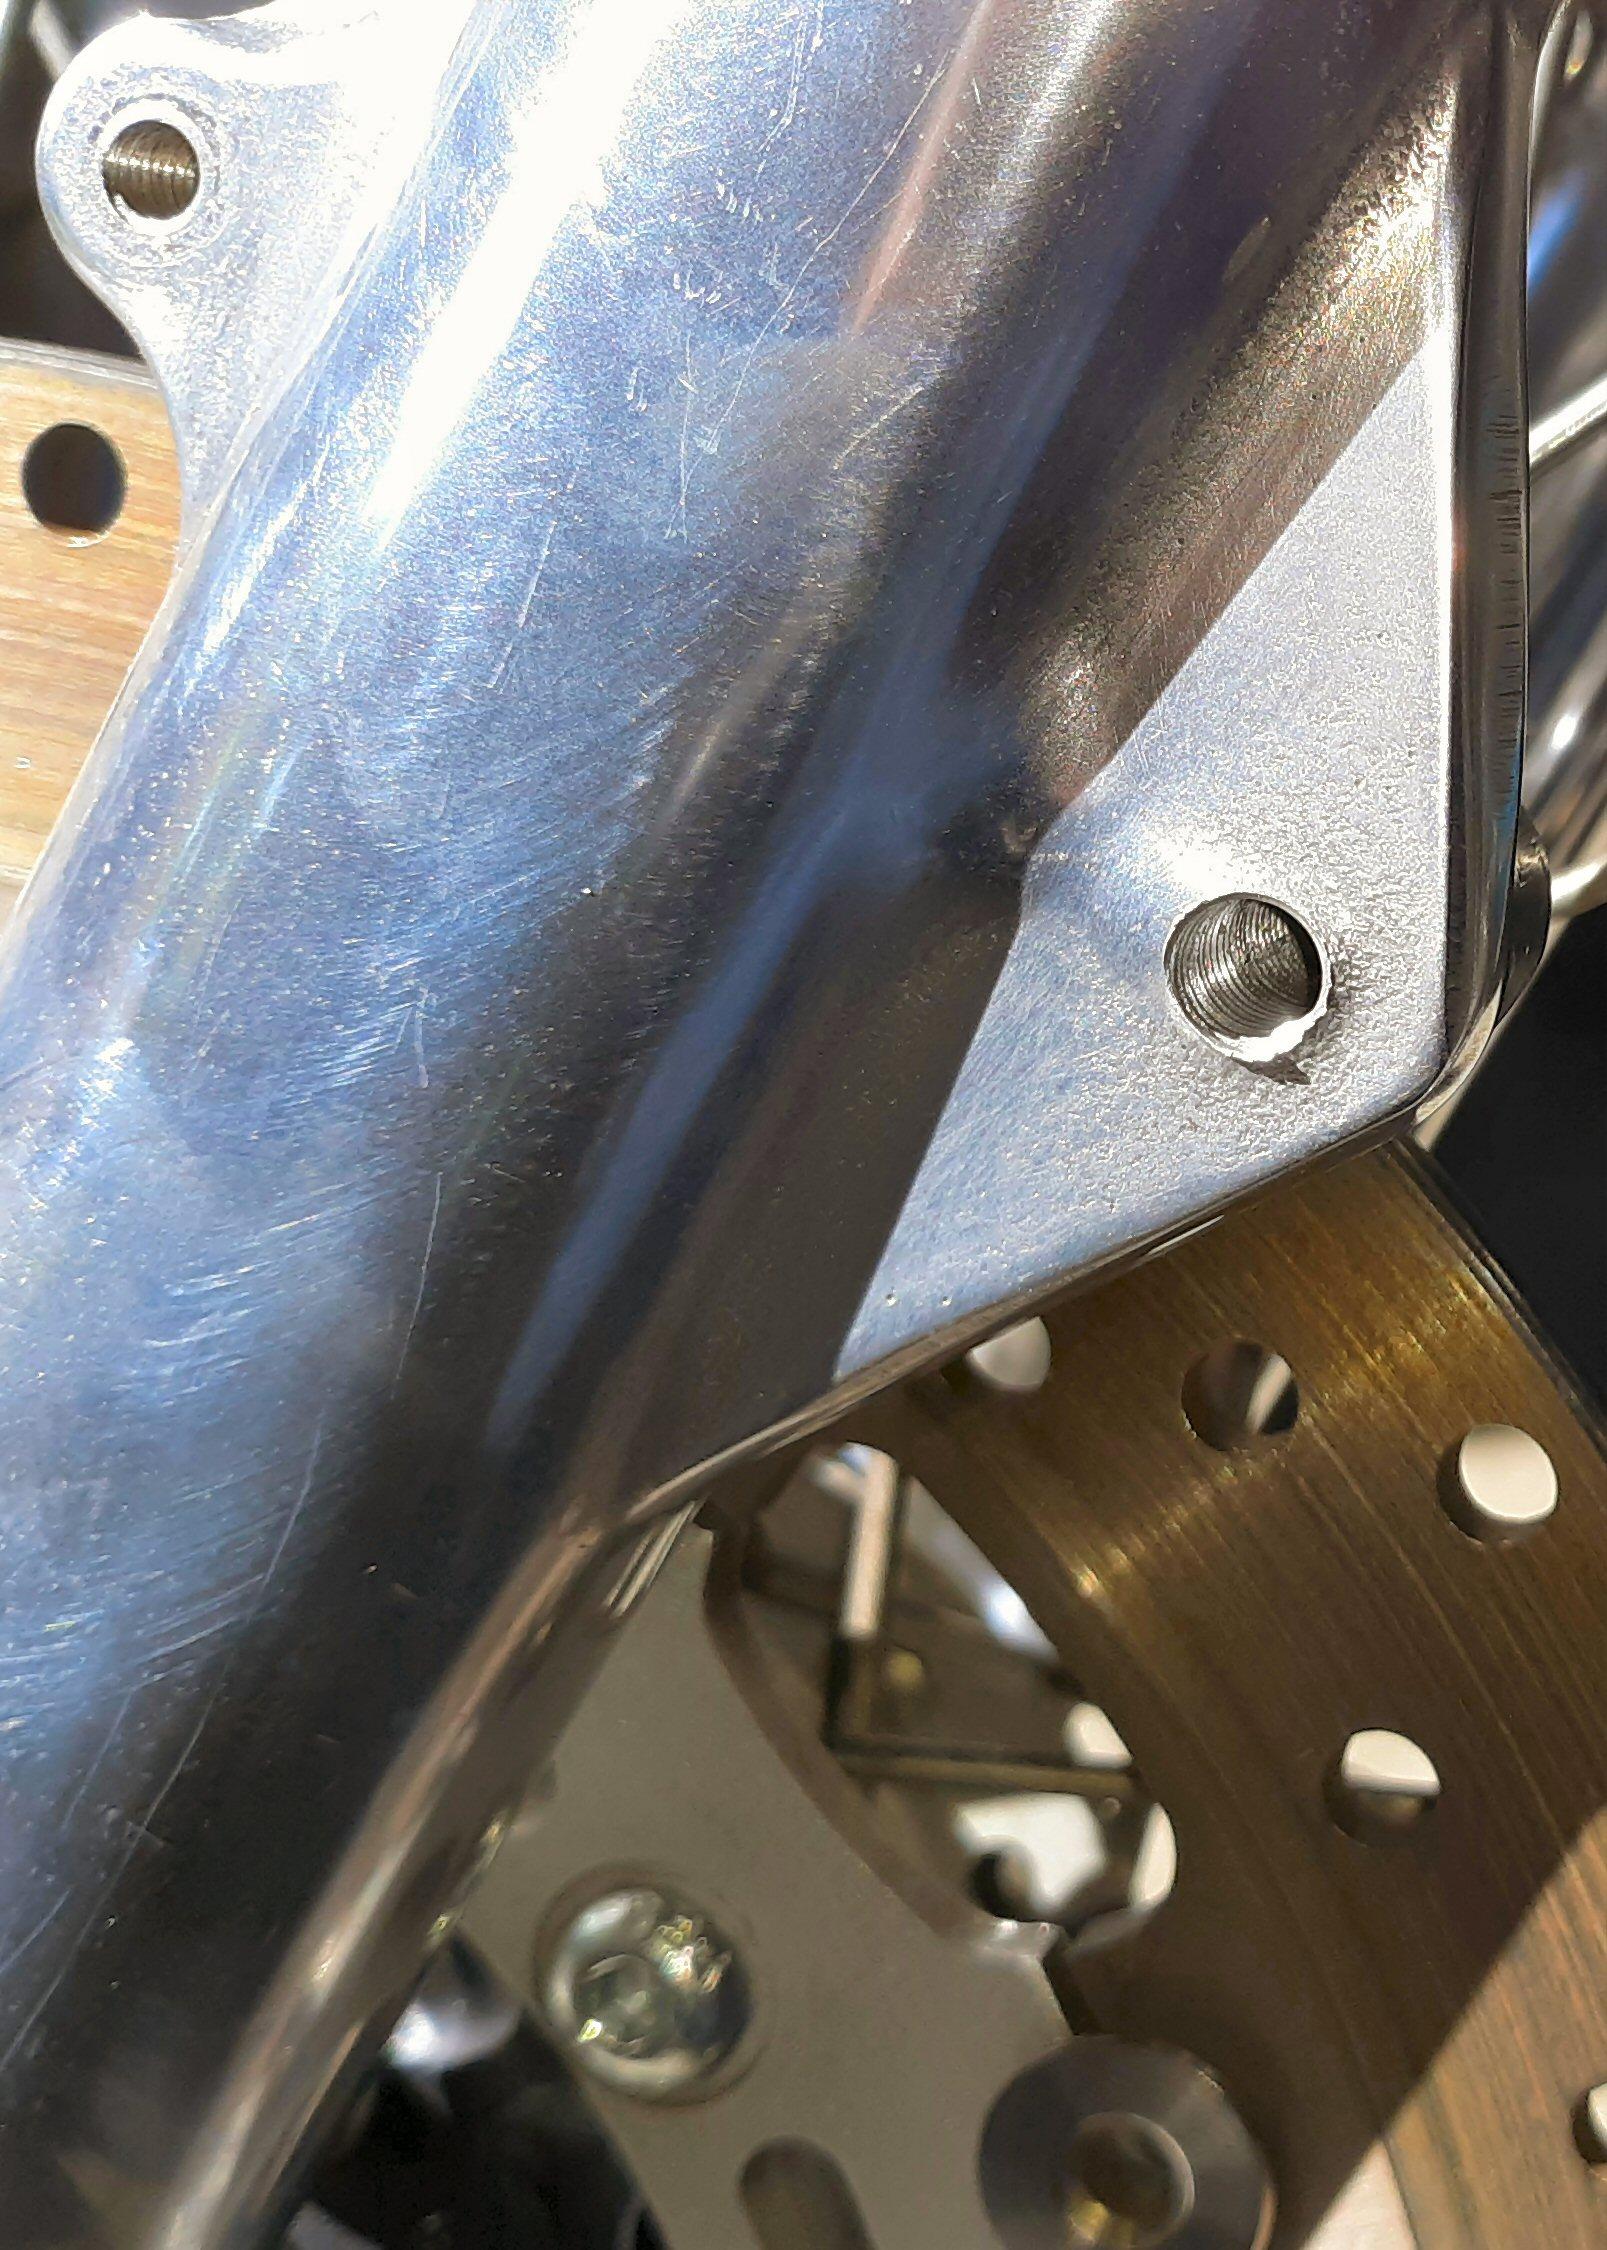 Replaced stock front brake setup-20190422_094540.jpg